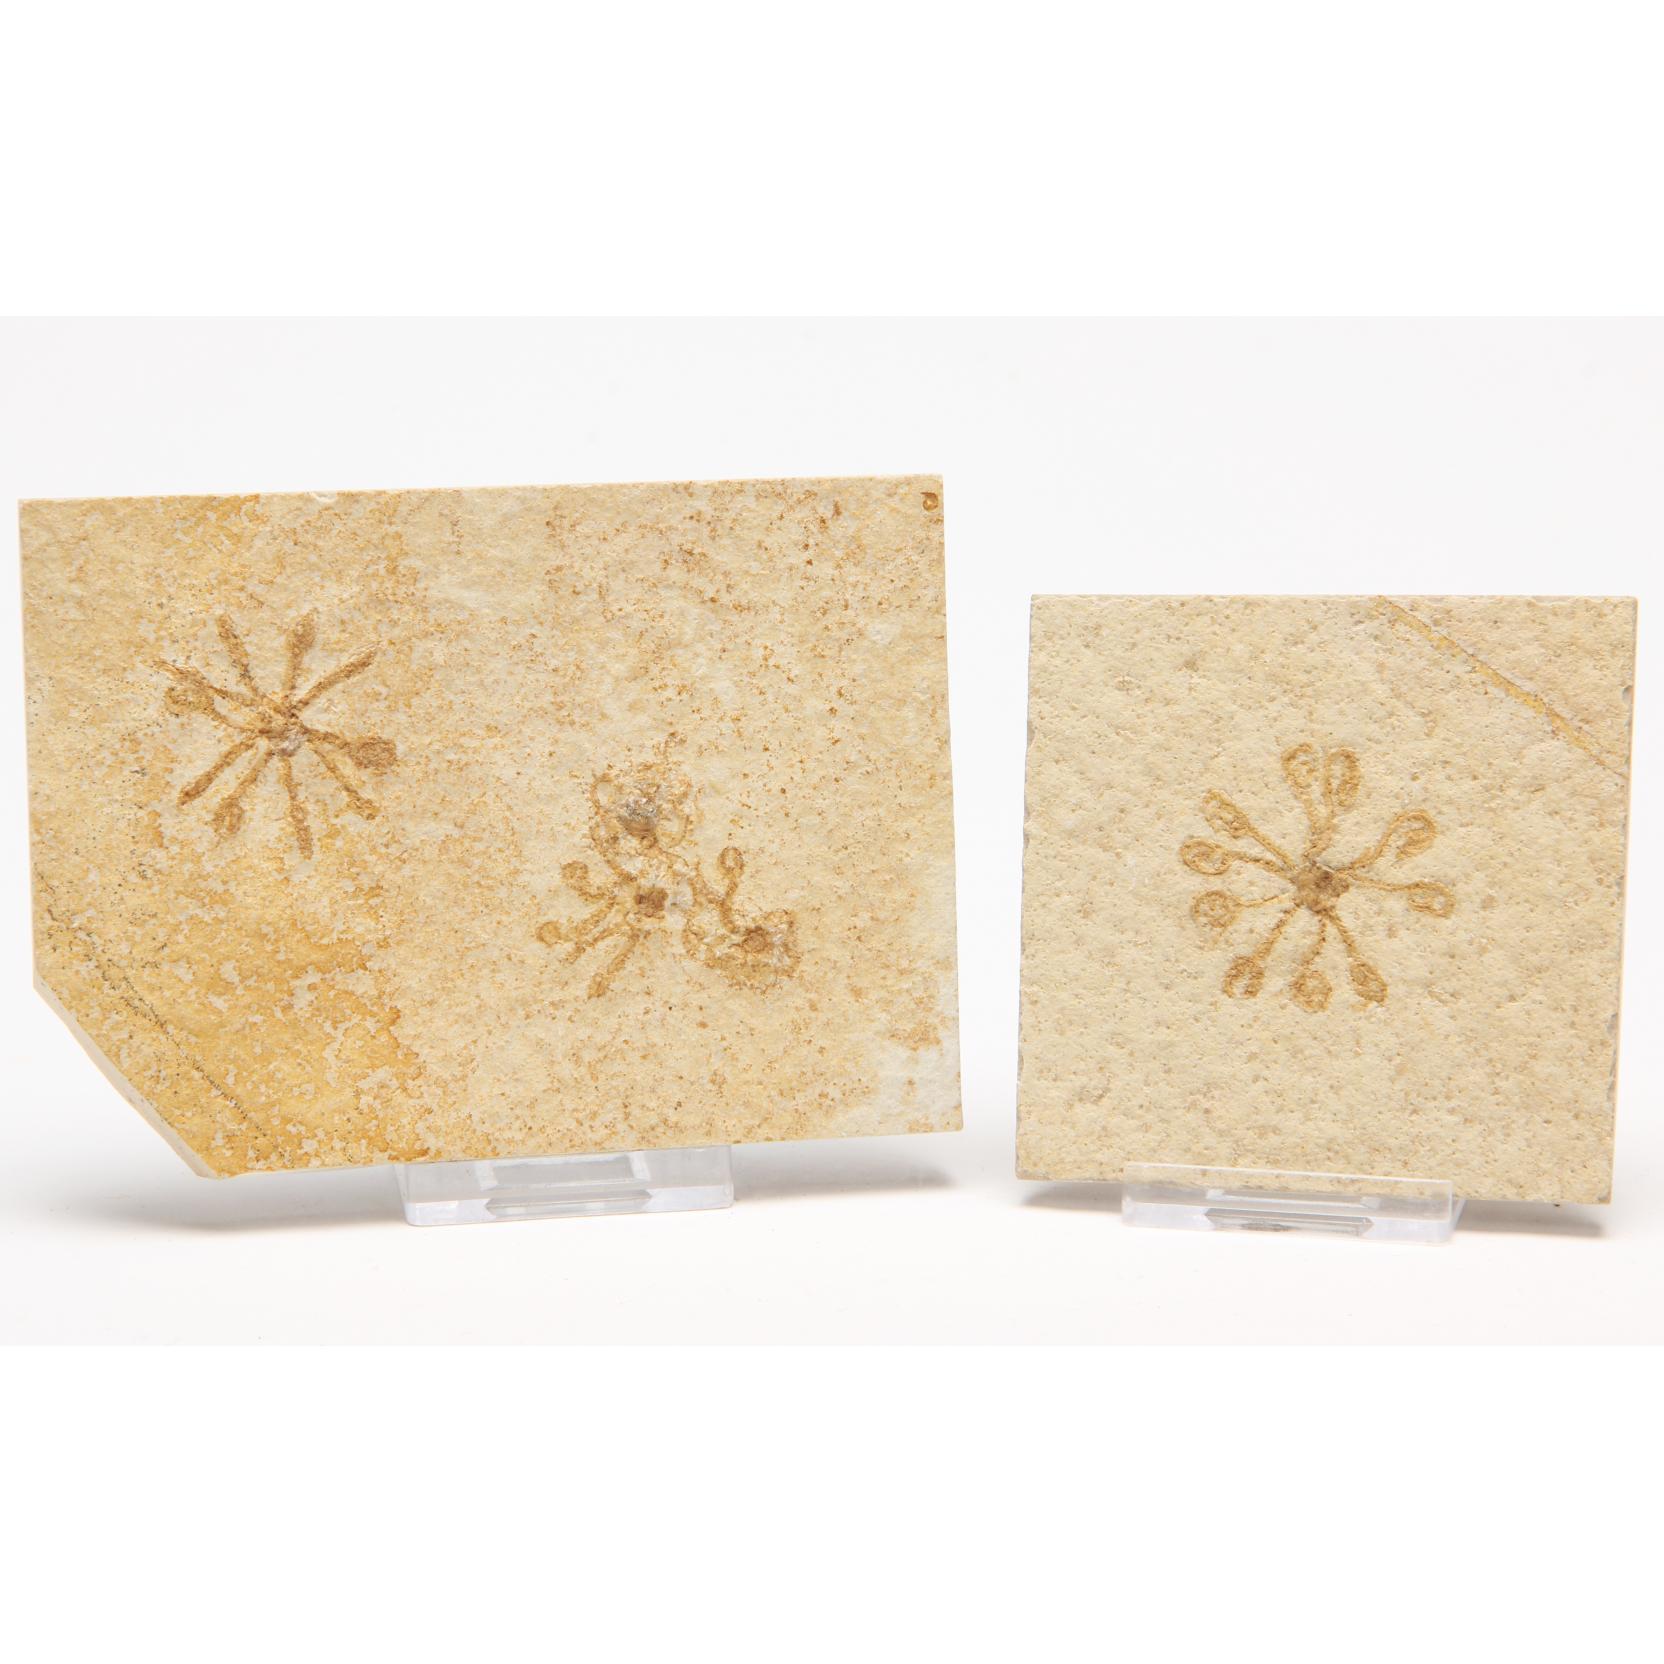 fossil-floating-crinoids-i-saccocoma-pectinata-i